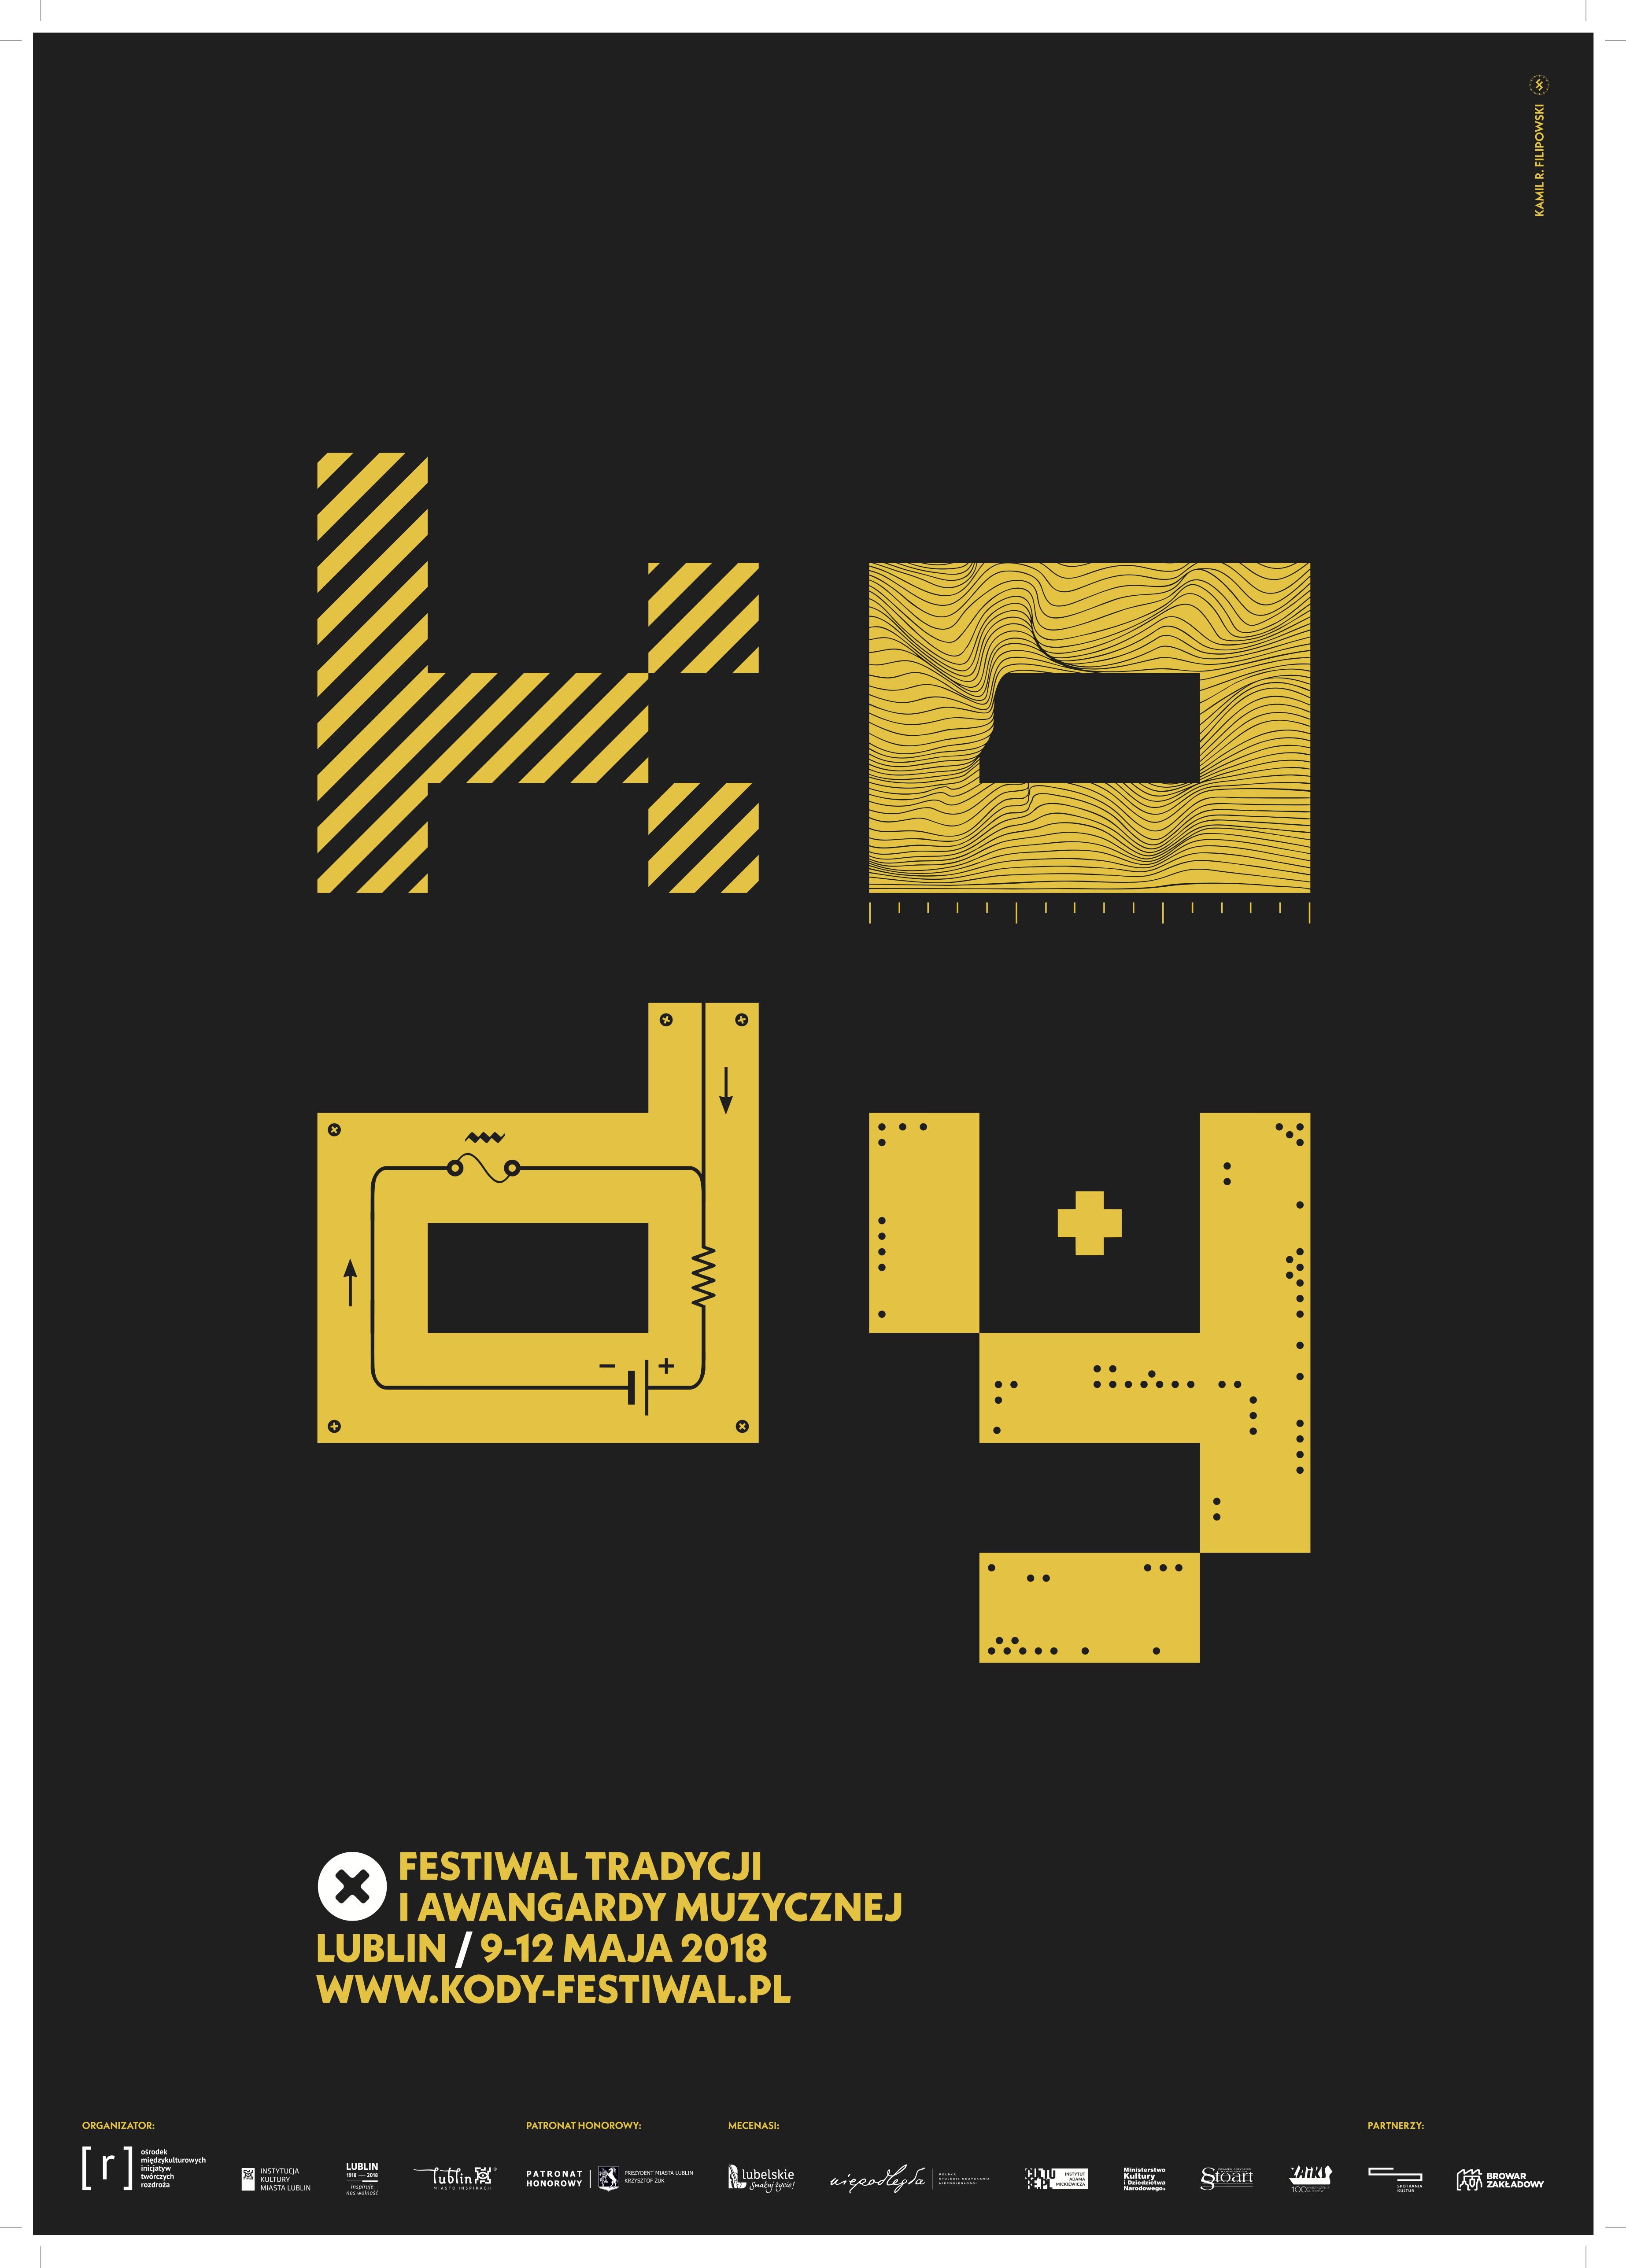 Festiwal Tradycji i Awangardy Muzycznej Kody, plakat (źródło: materiały prasowe organizatora)